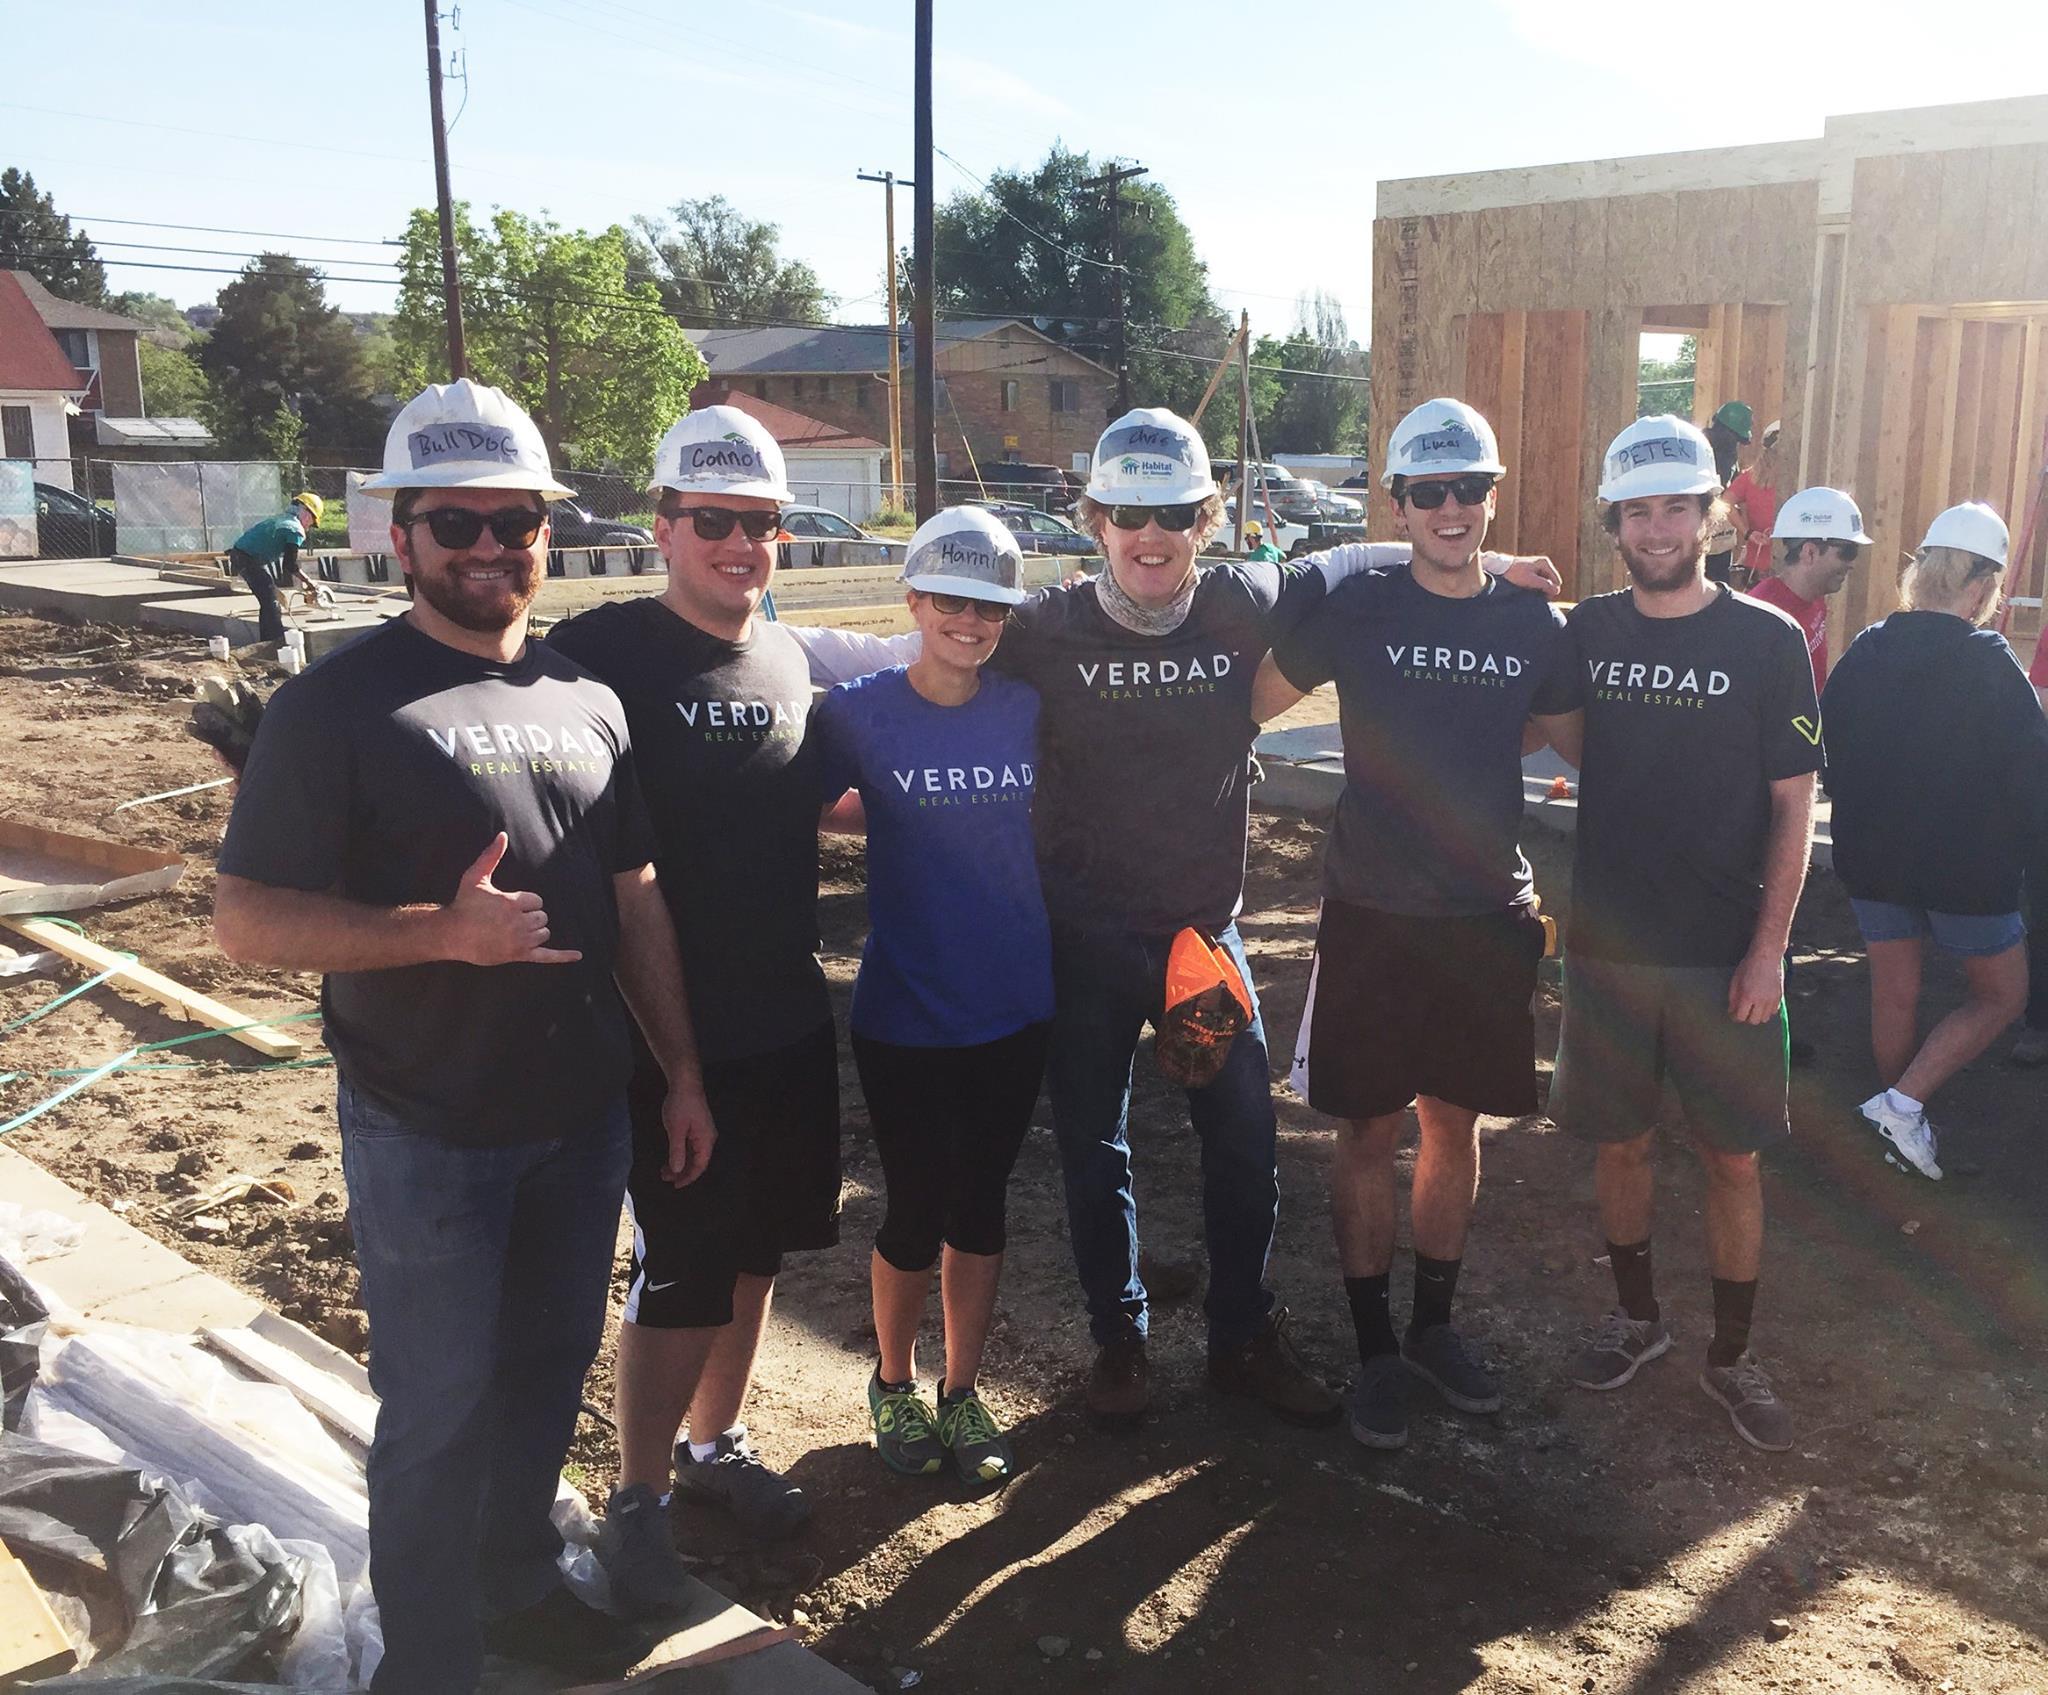 Habitat for Humanity - Verdad Denver - GiveBack